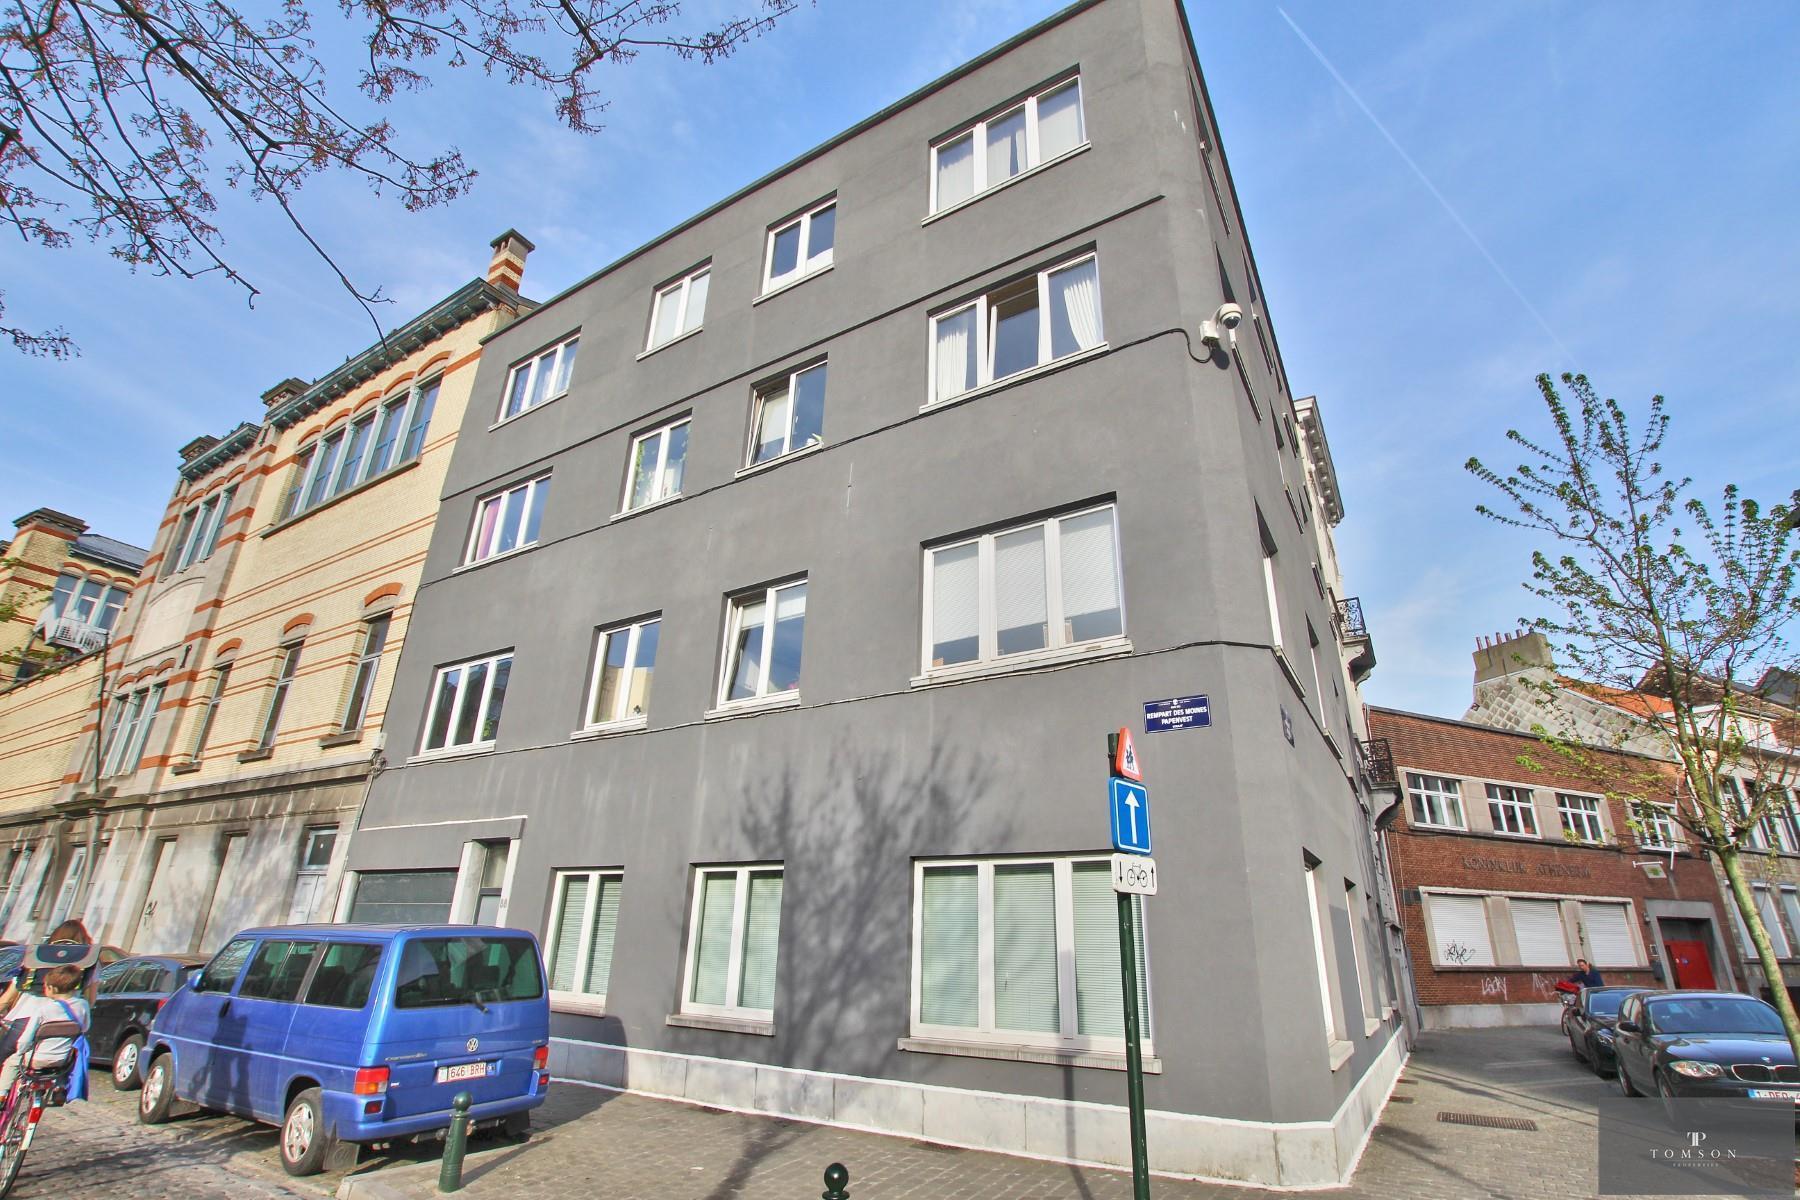 Flat - Bruxelles - #4405562-5